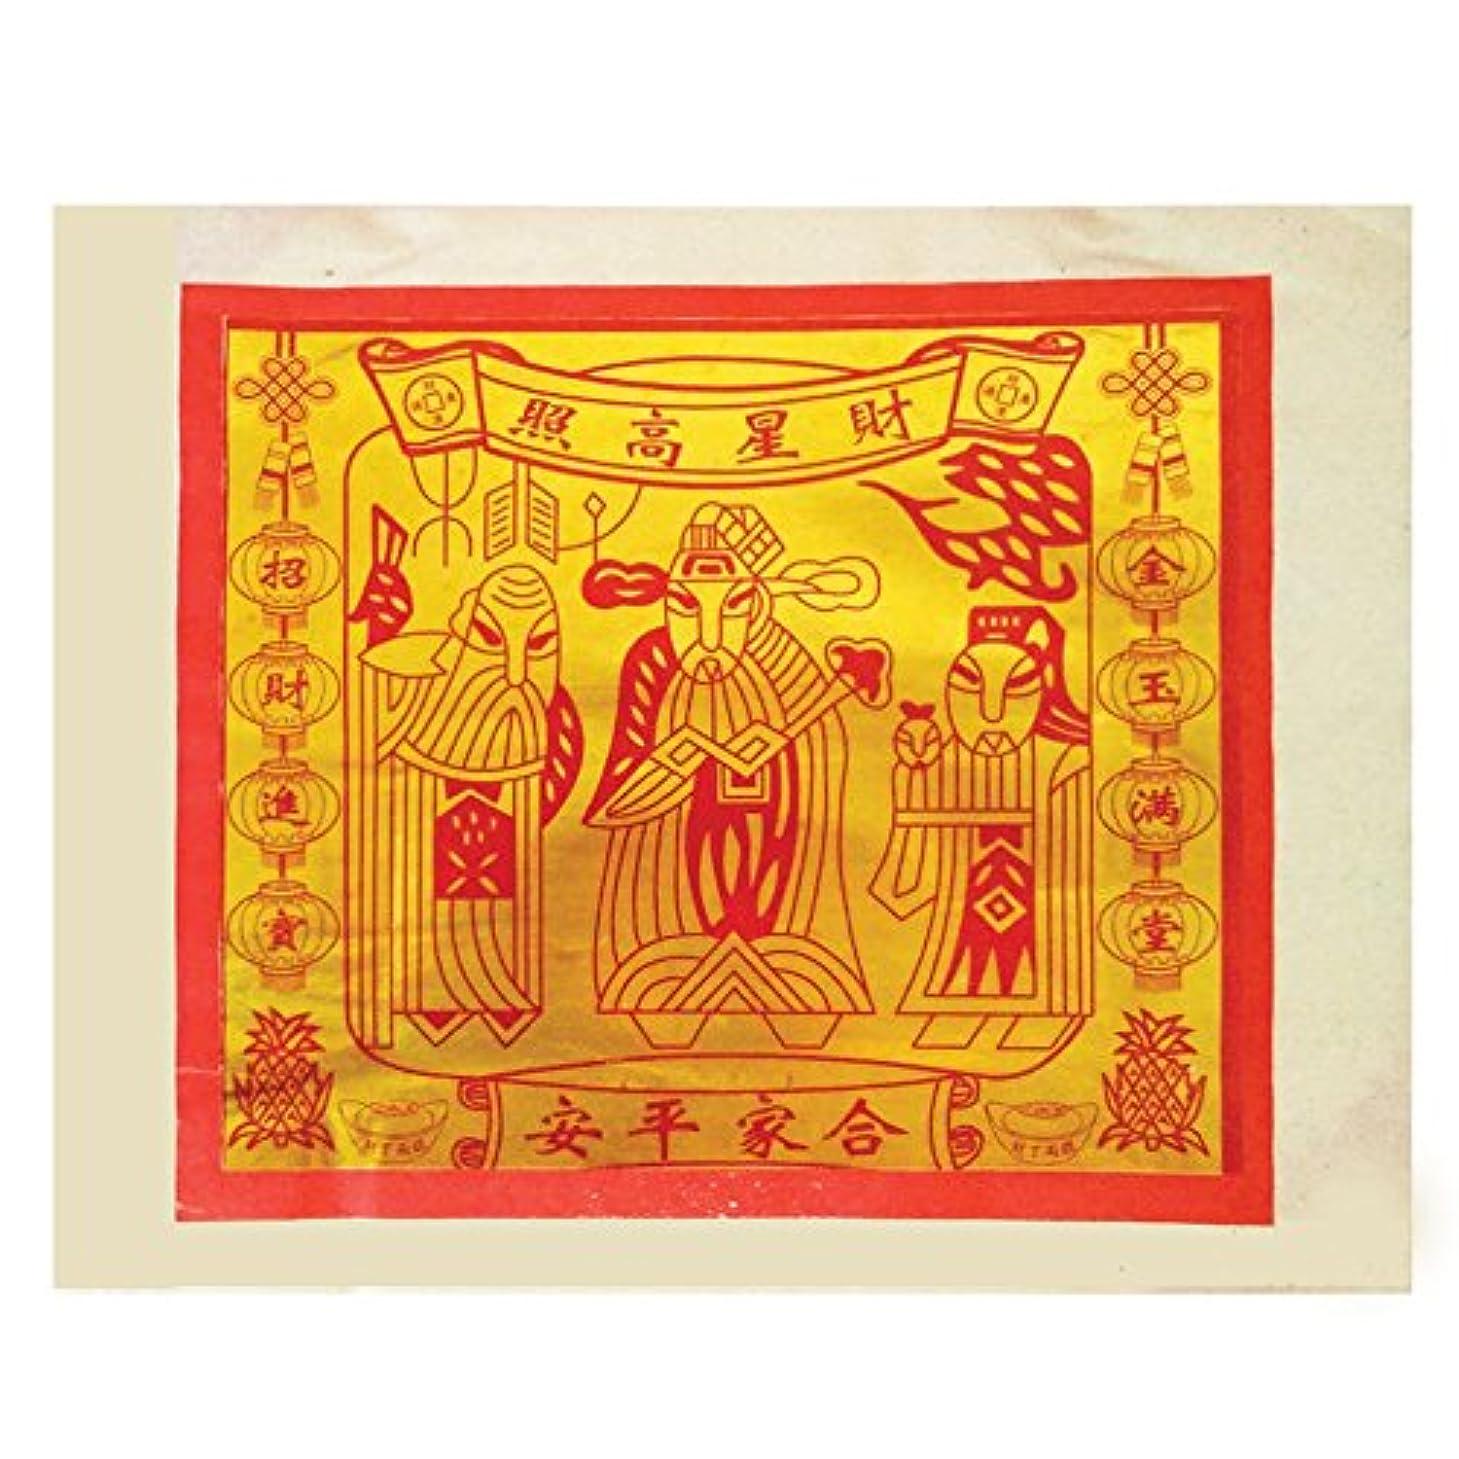 最悪誰でもあご80pcs Incense用紙/ Joss用紙with Gold Foil ( Mediumサイズ) 10.6インチx 10.4インチ